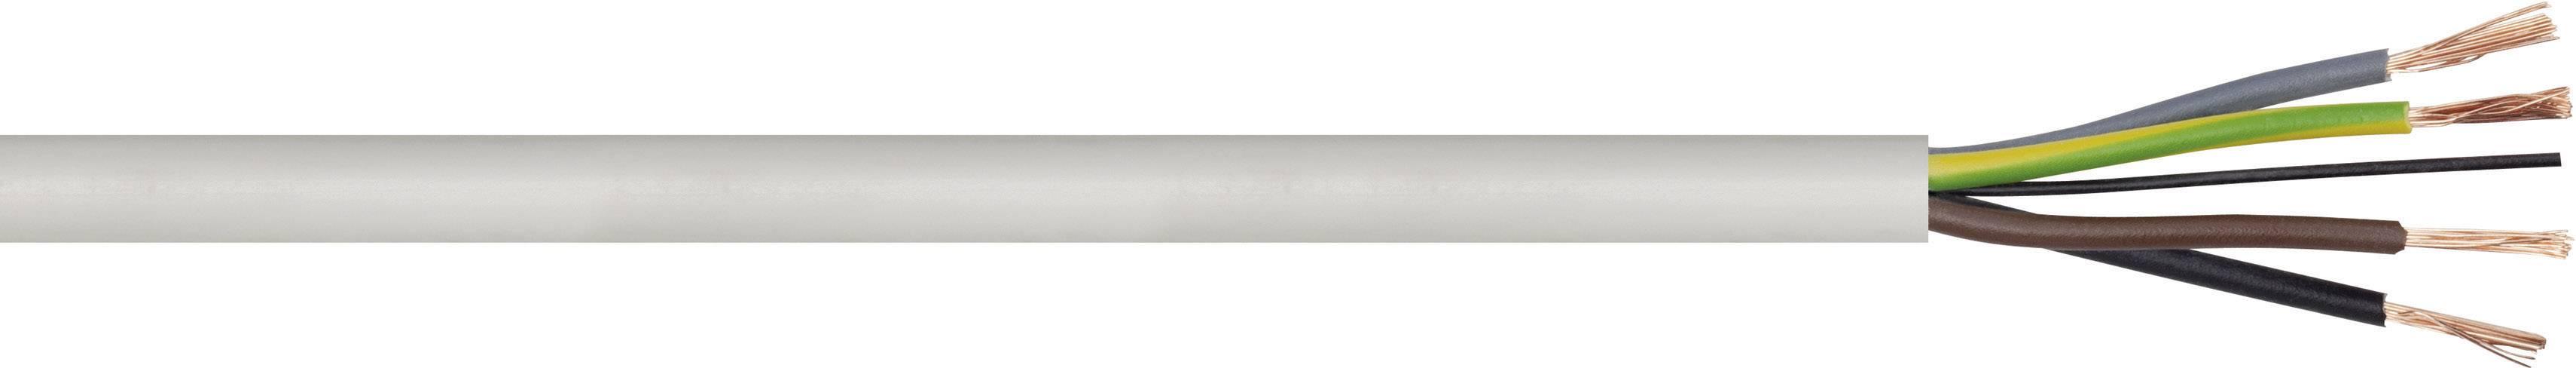 Vícežílový kabel LAPP H03VV-F, 1601211, 4 G 0.75 mm², černá, metrové zboží